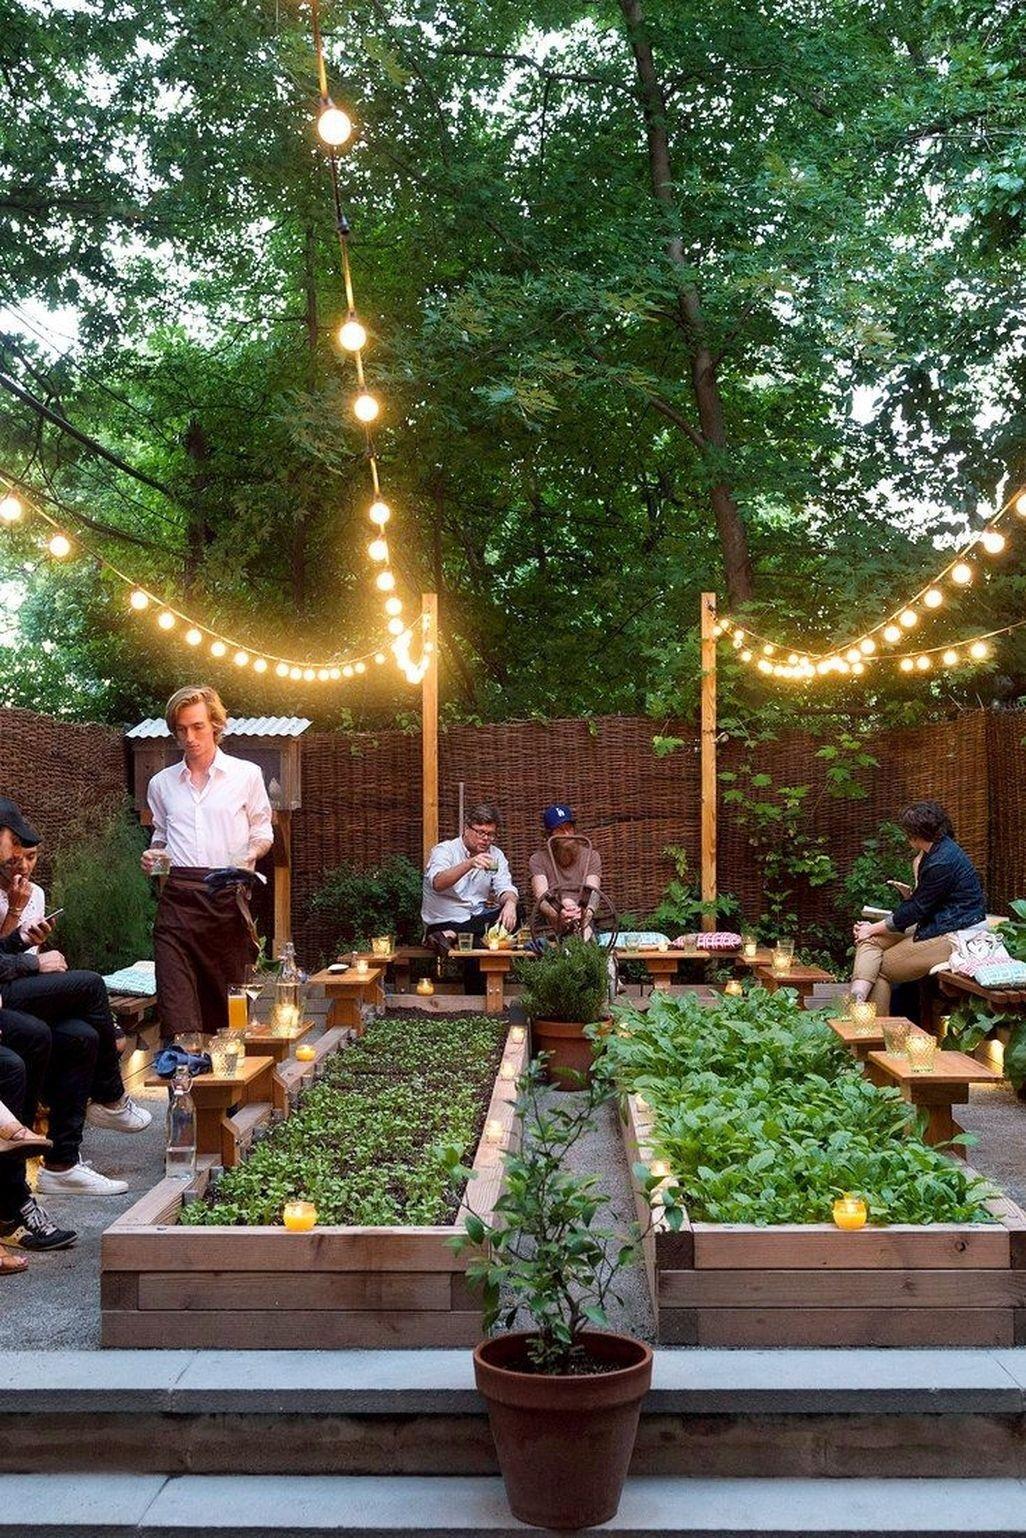 88 Fabulous Backyard Vegetable Garden Design Ideas -   13 garden design House outdoors ideas